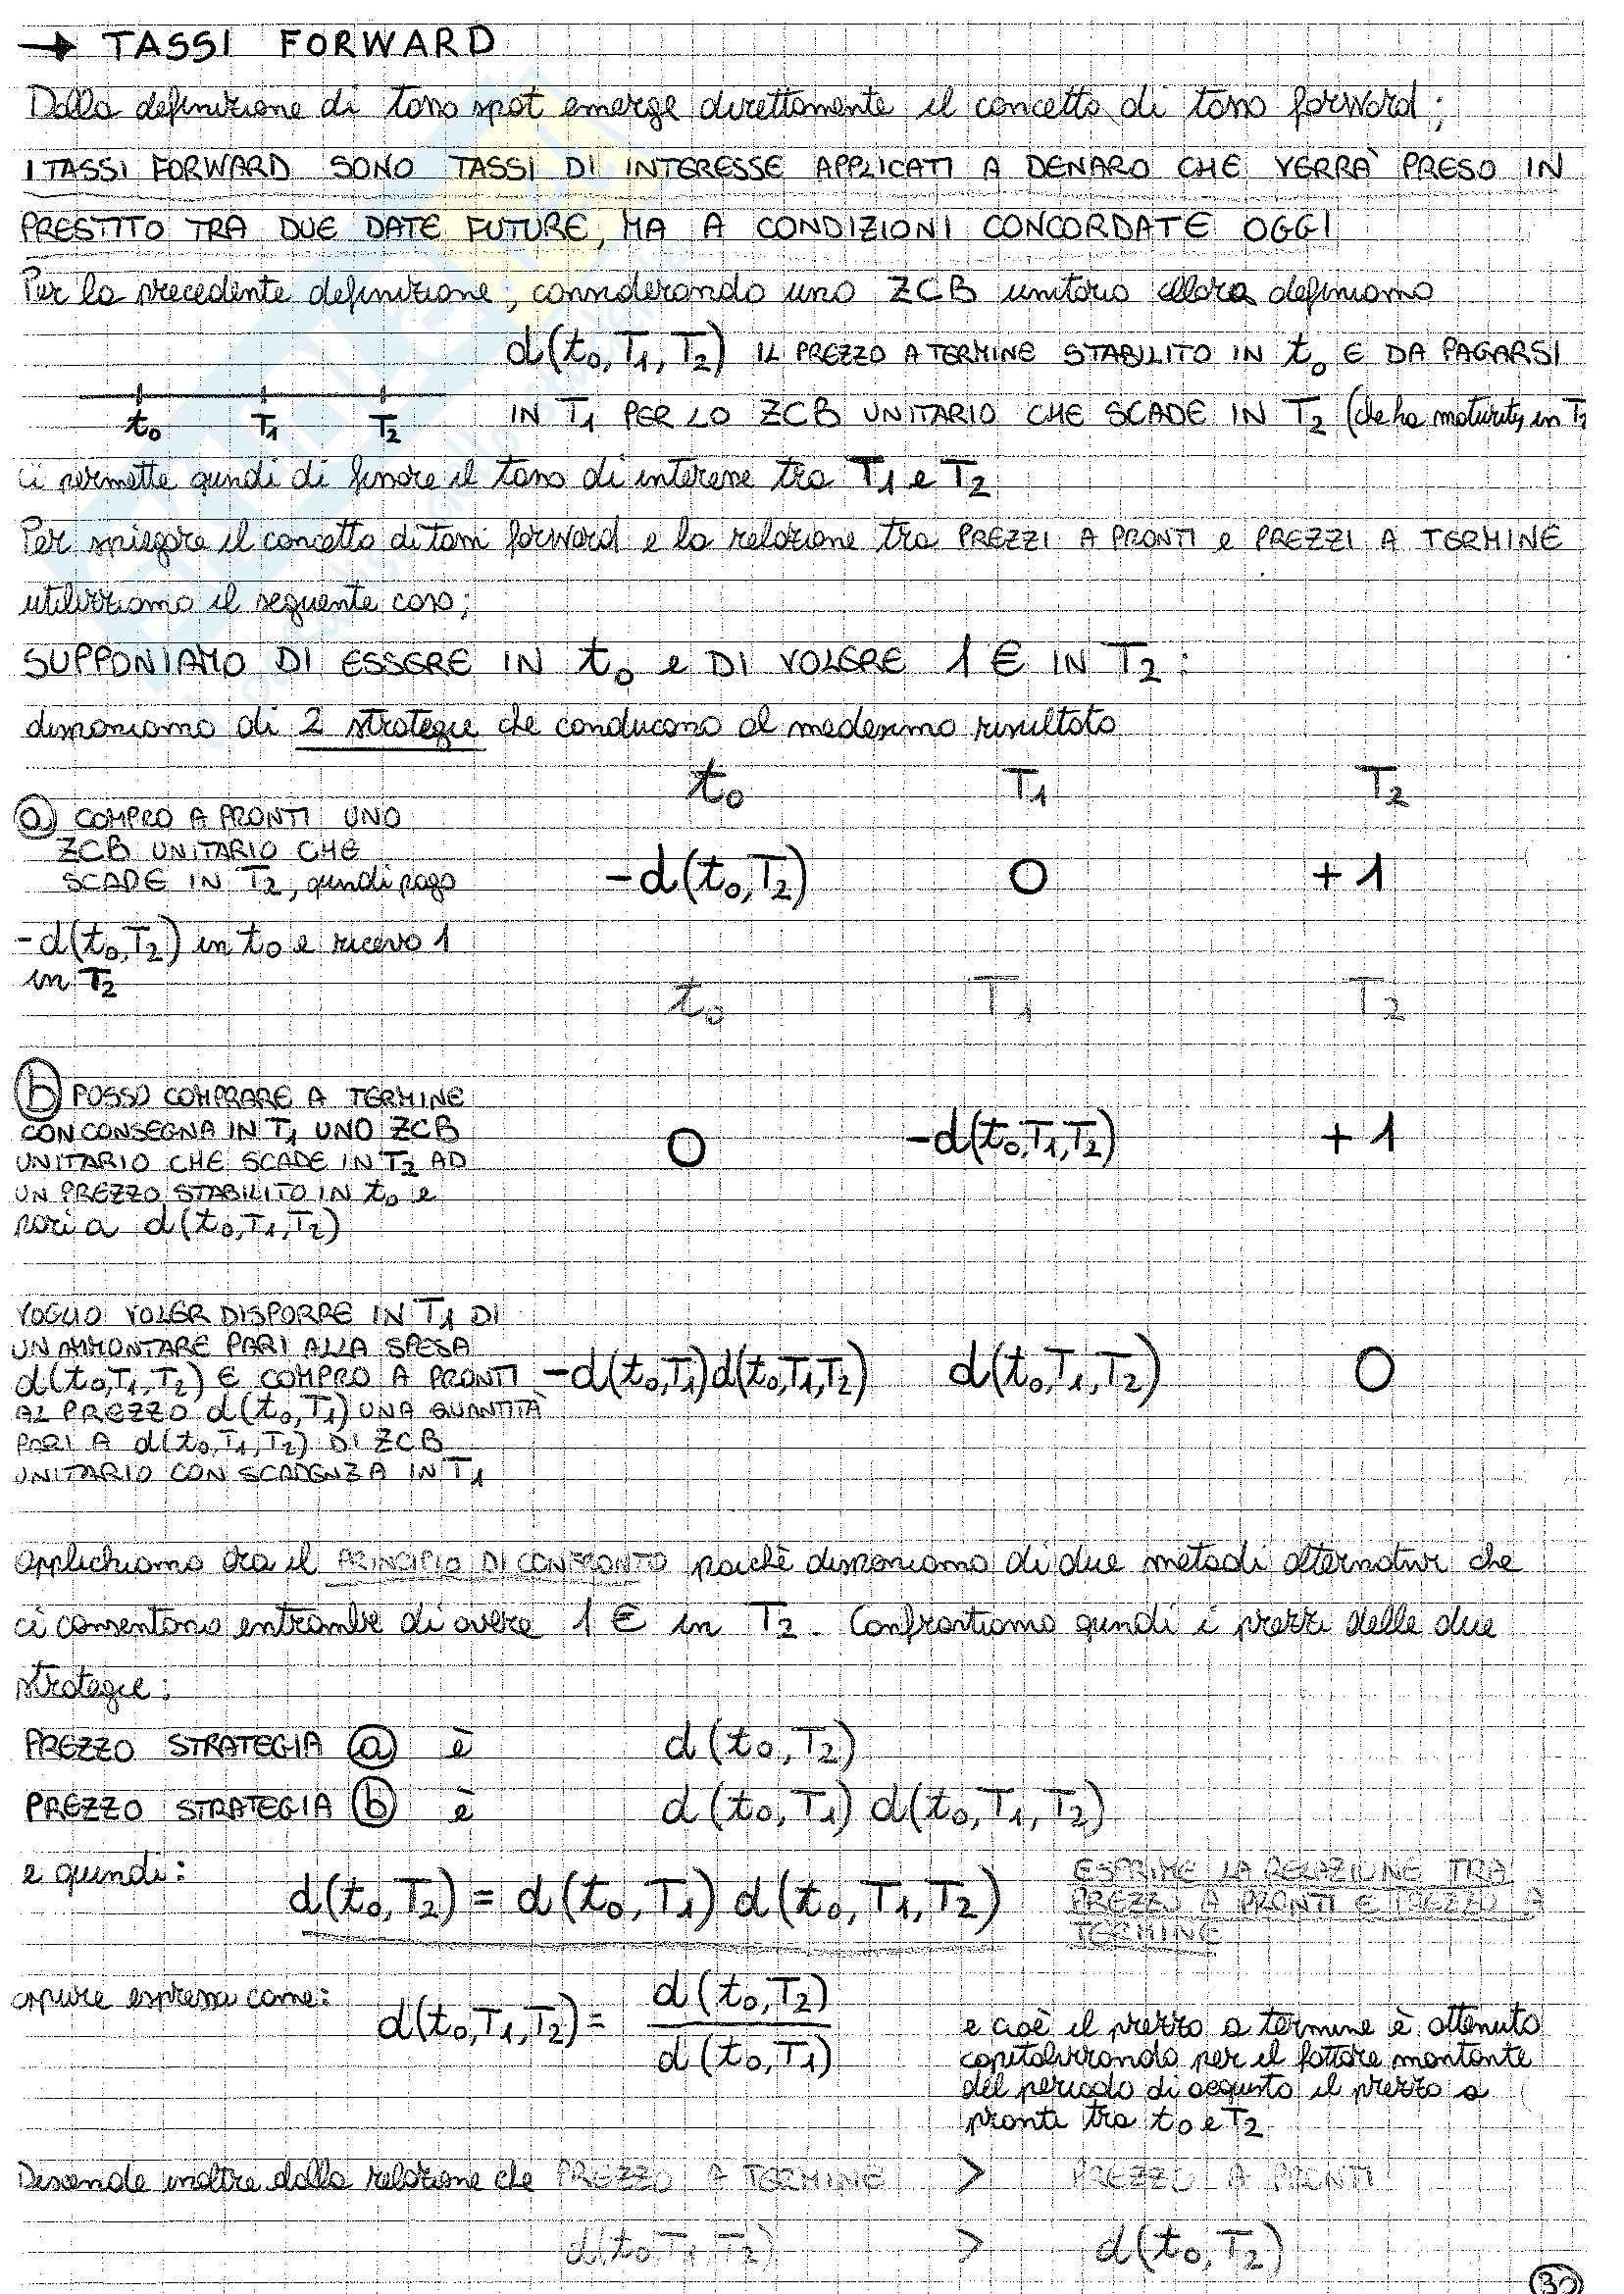 Matematica finanziaria - Appunti parte 2 Pag. 6